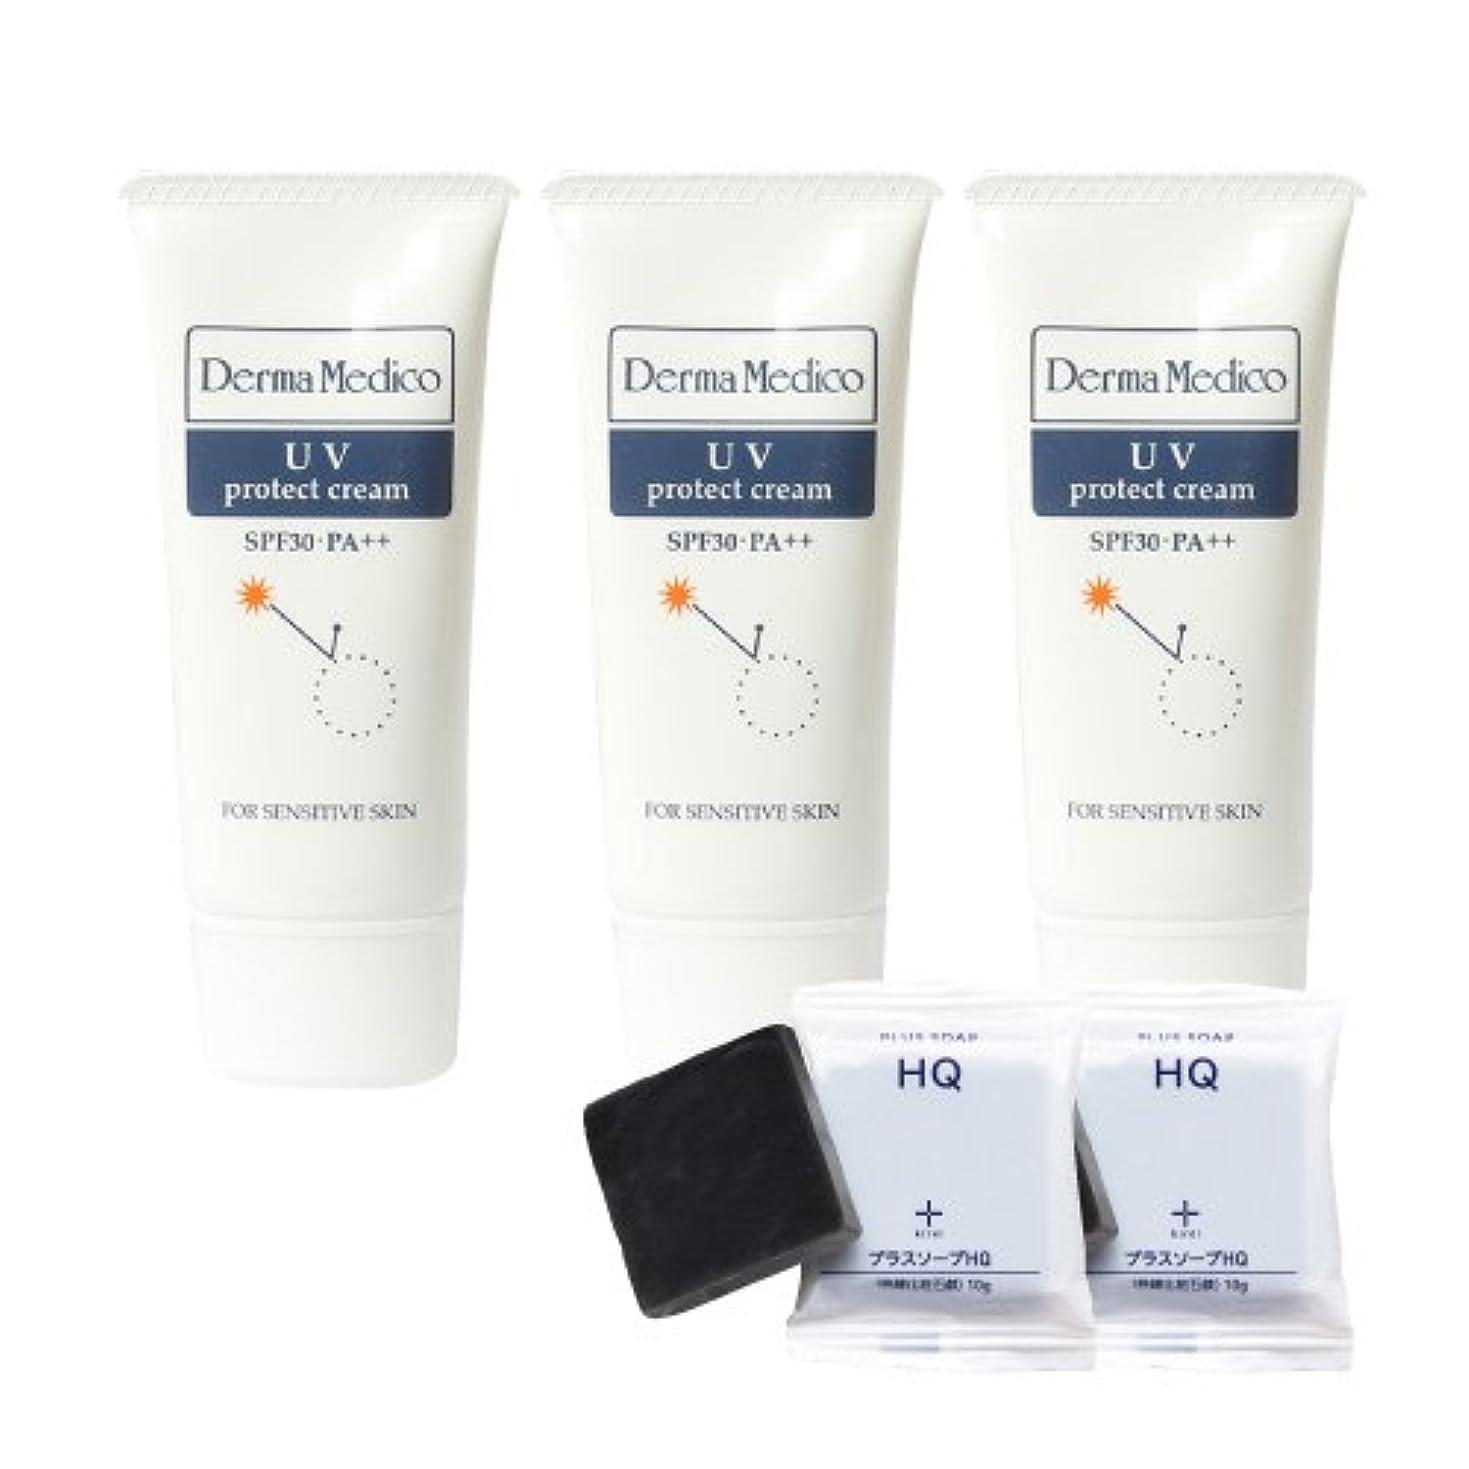 ミリメートルフィドルお茶ダーマメディコ UVプロテクトクリーム (3本+ミニソープ2個セット)